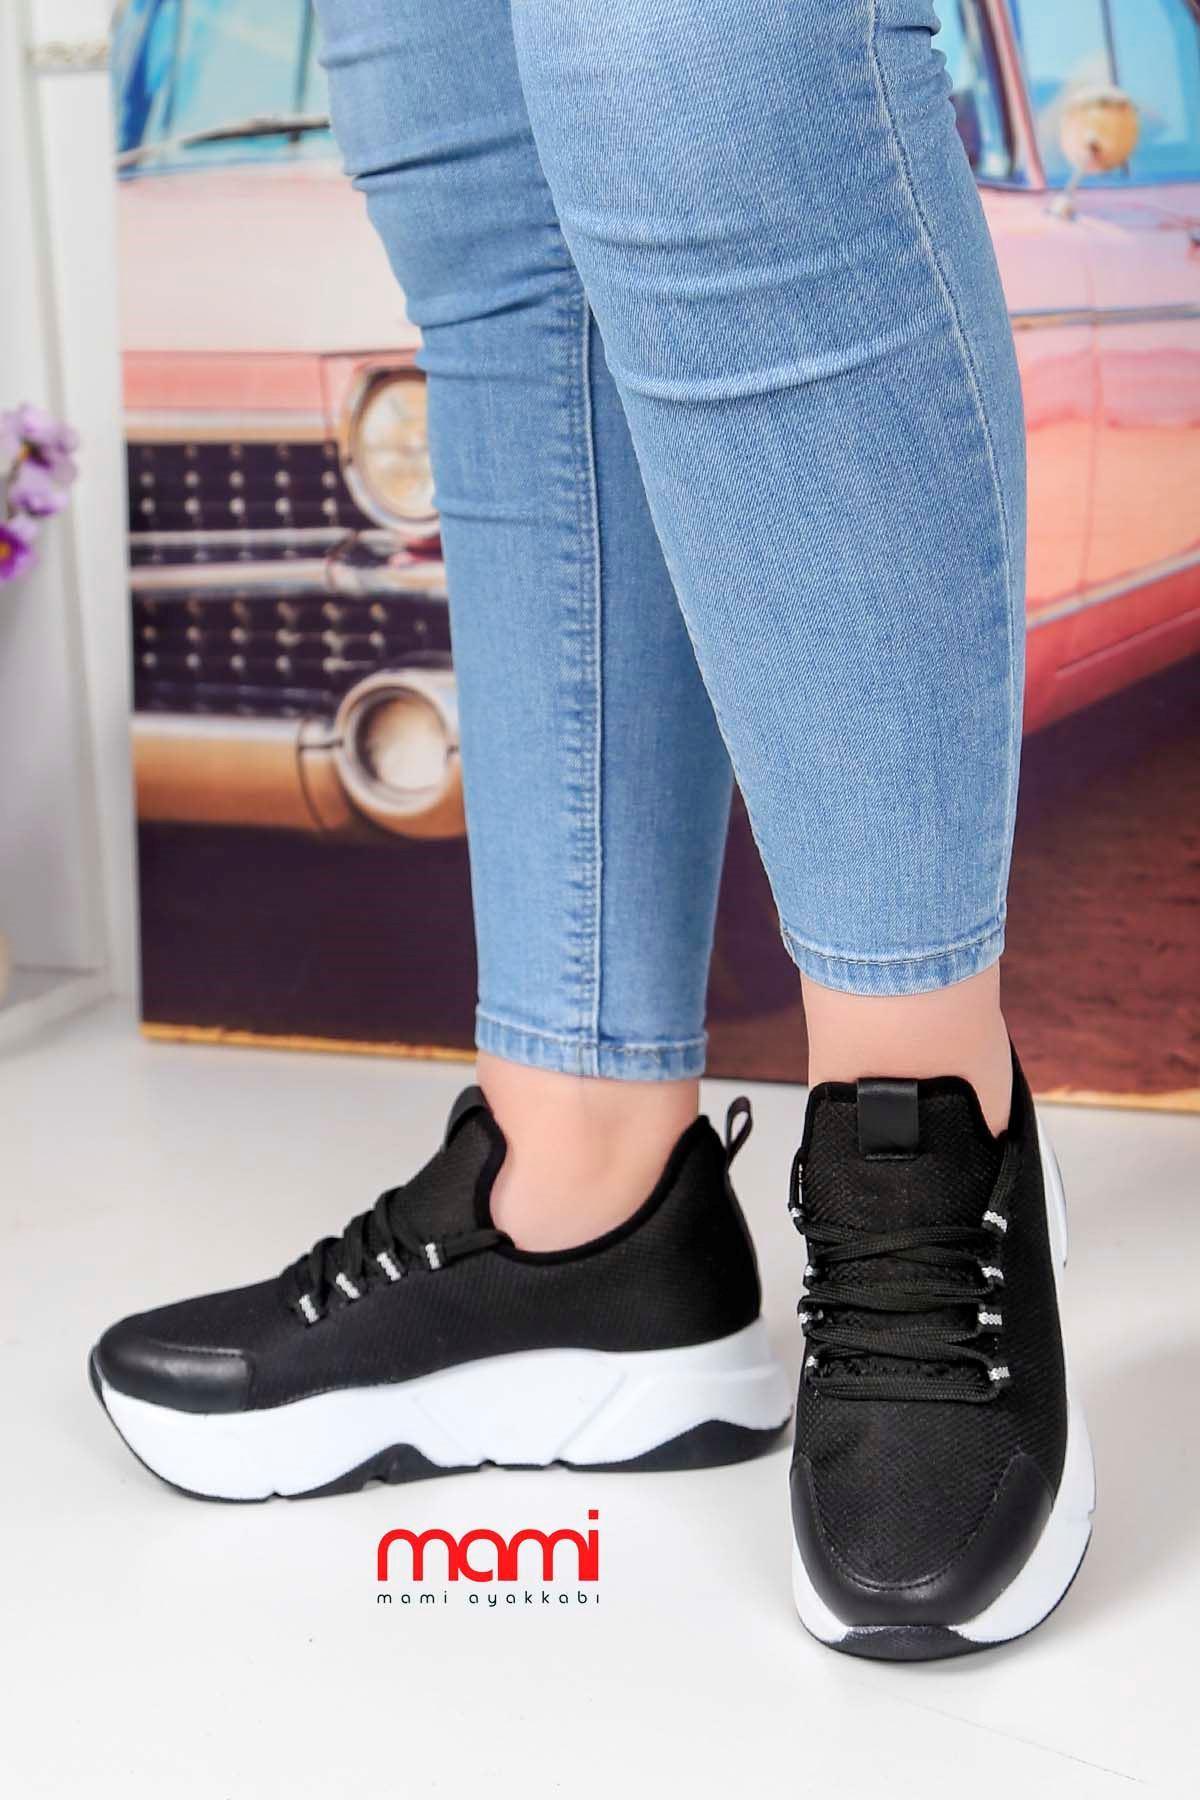 Rsl-100 Triko Spor Ayakkabı Siyah Anorak Beyaz Taban